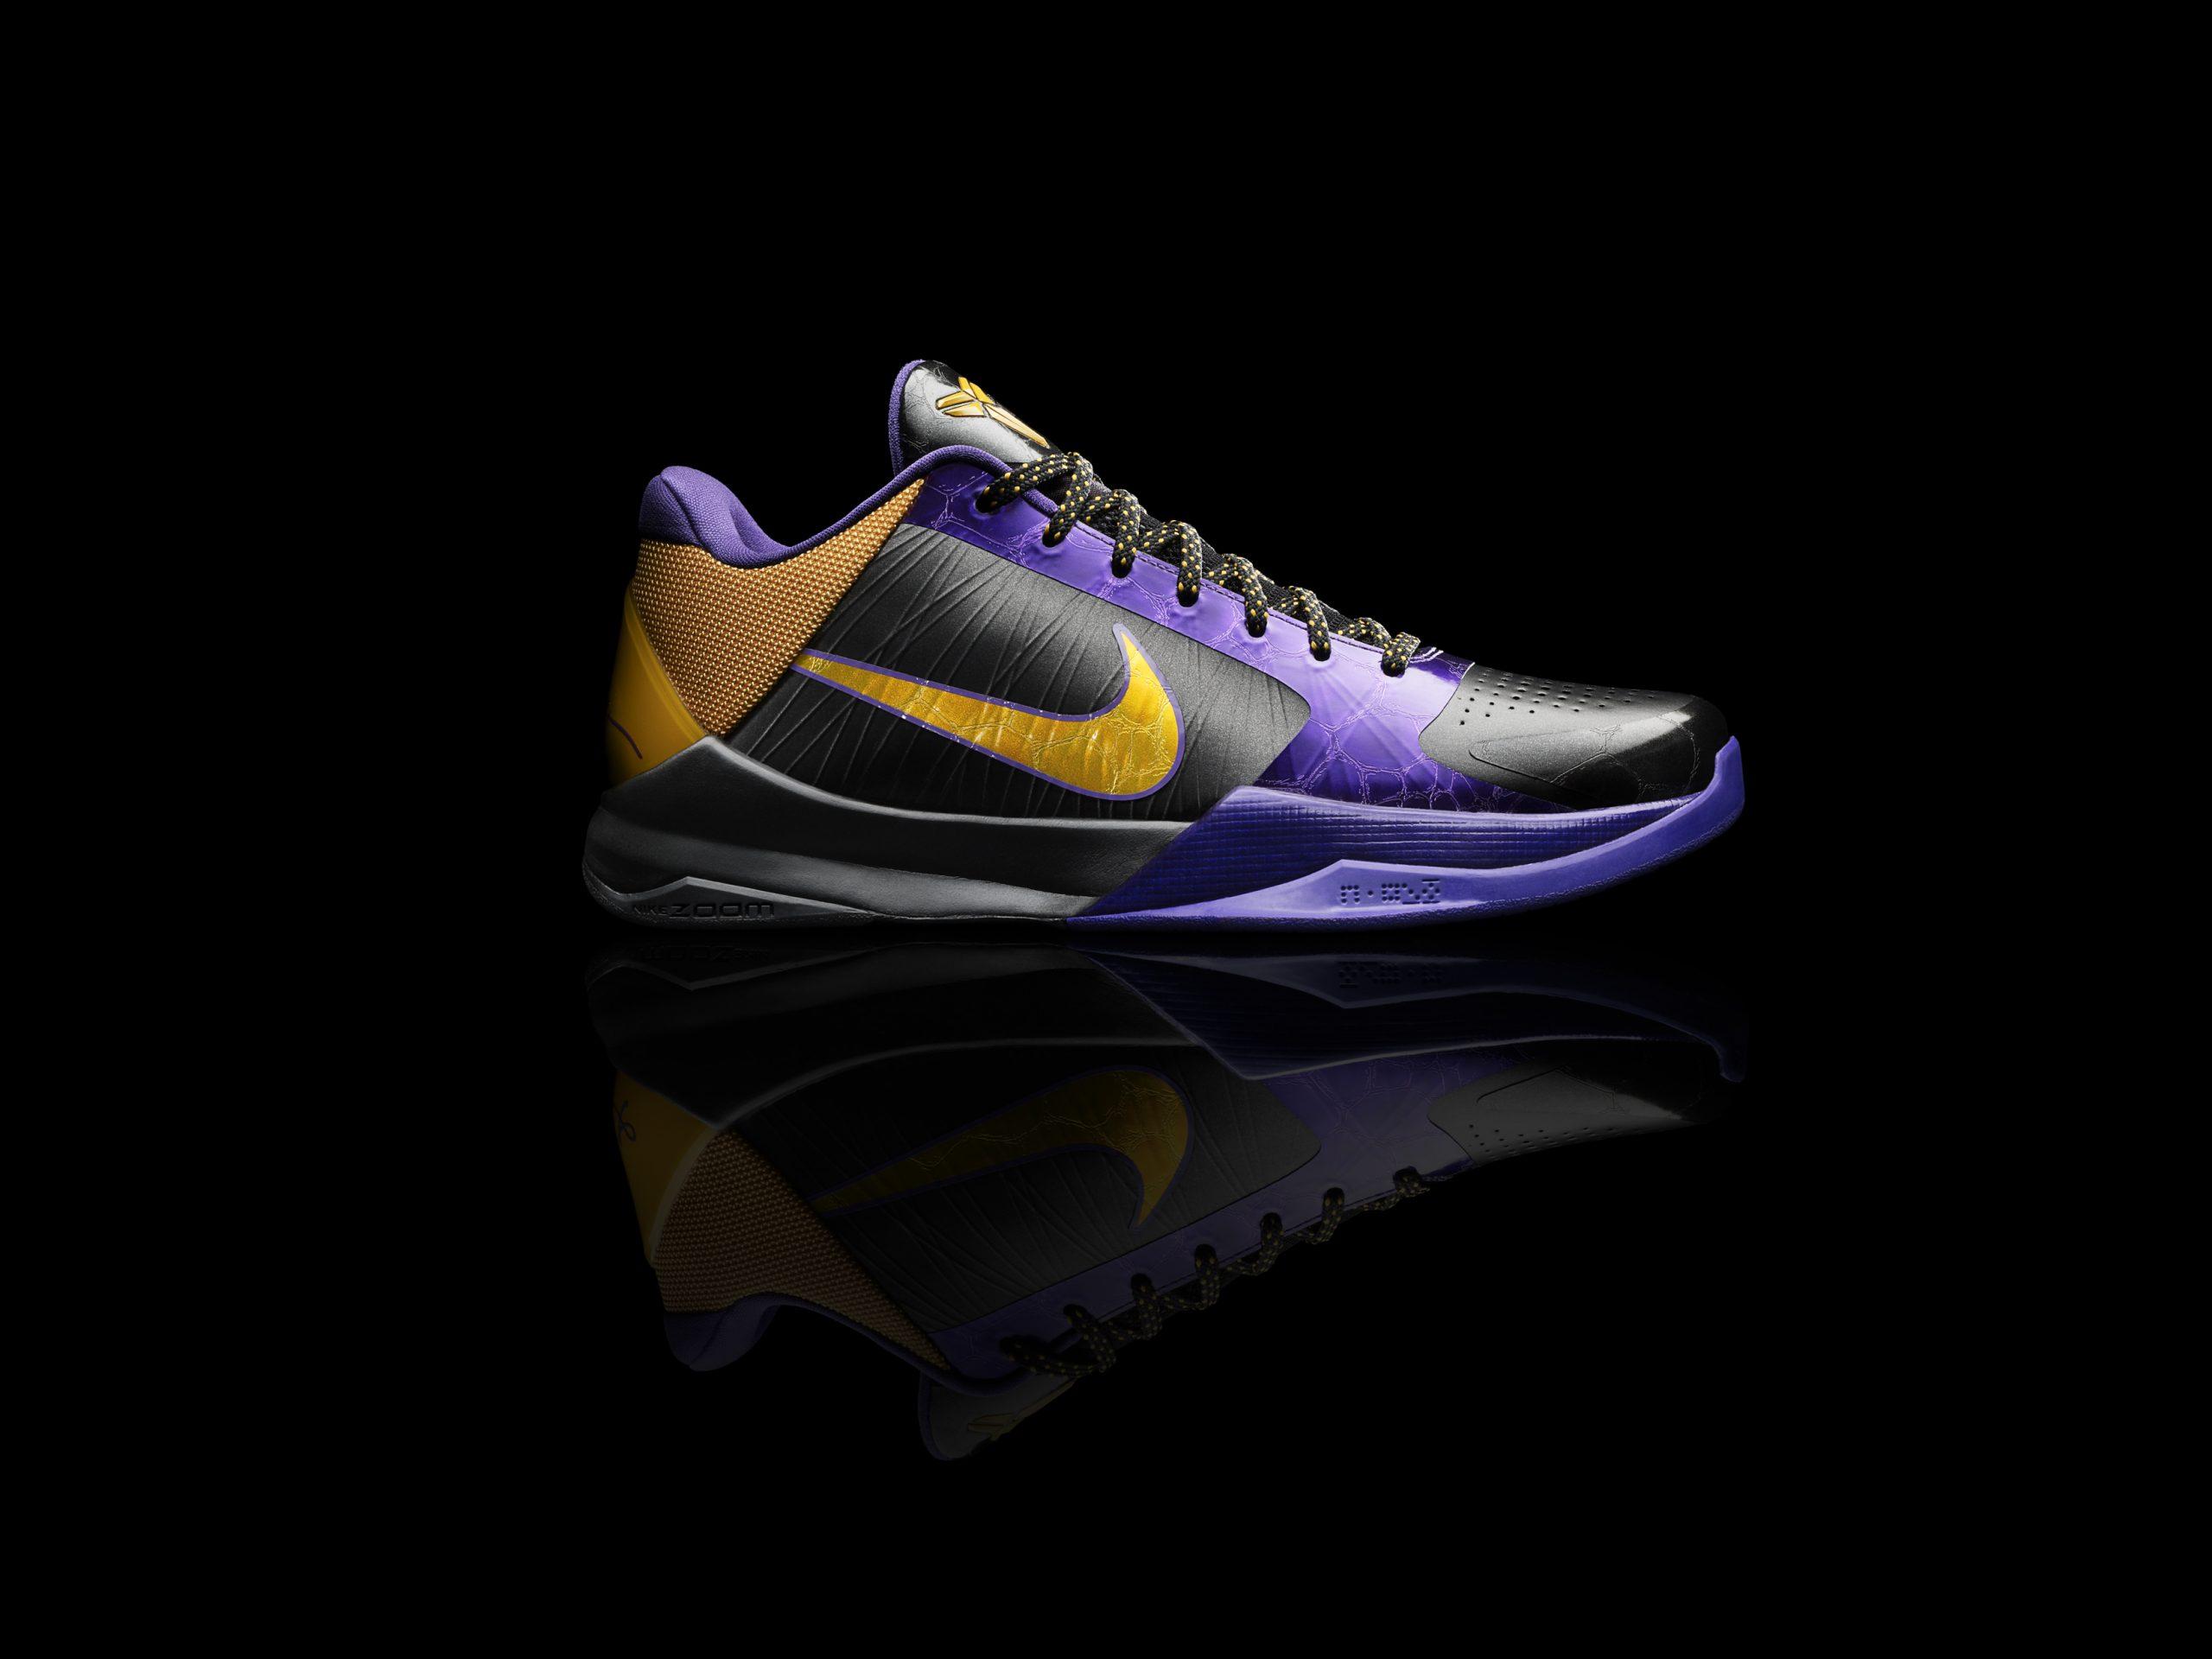 Nike Air Pocket: